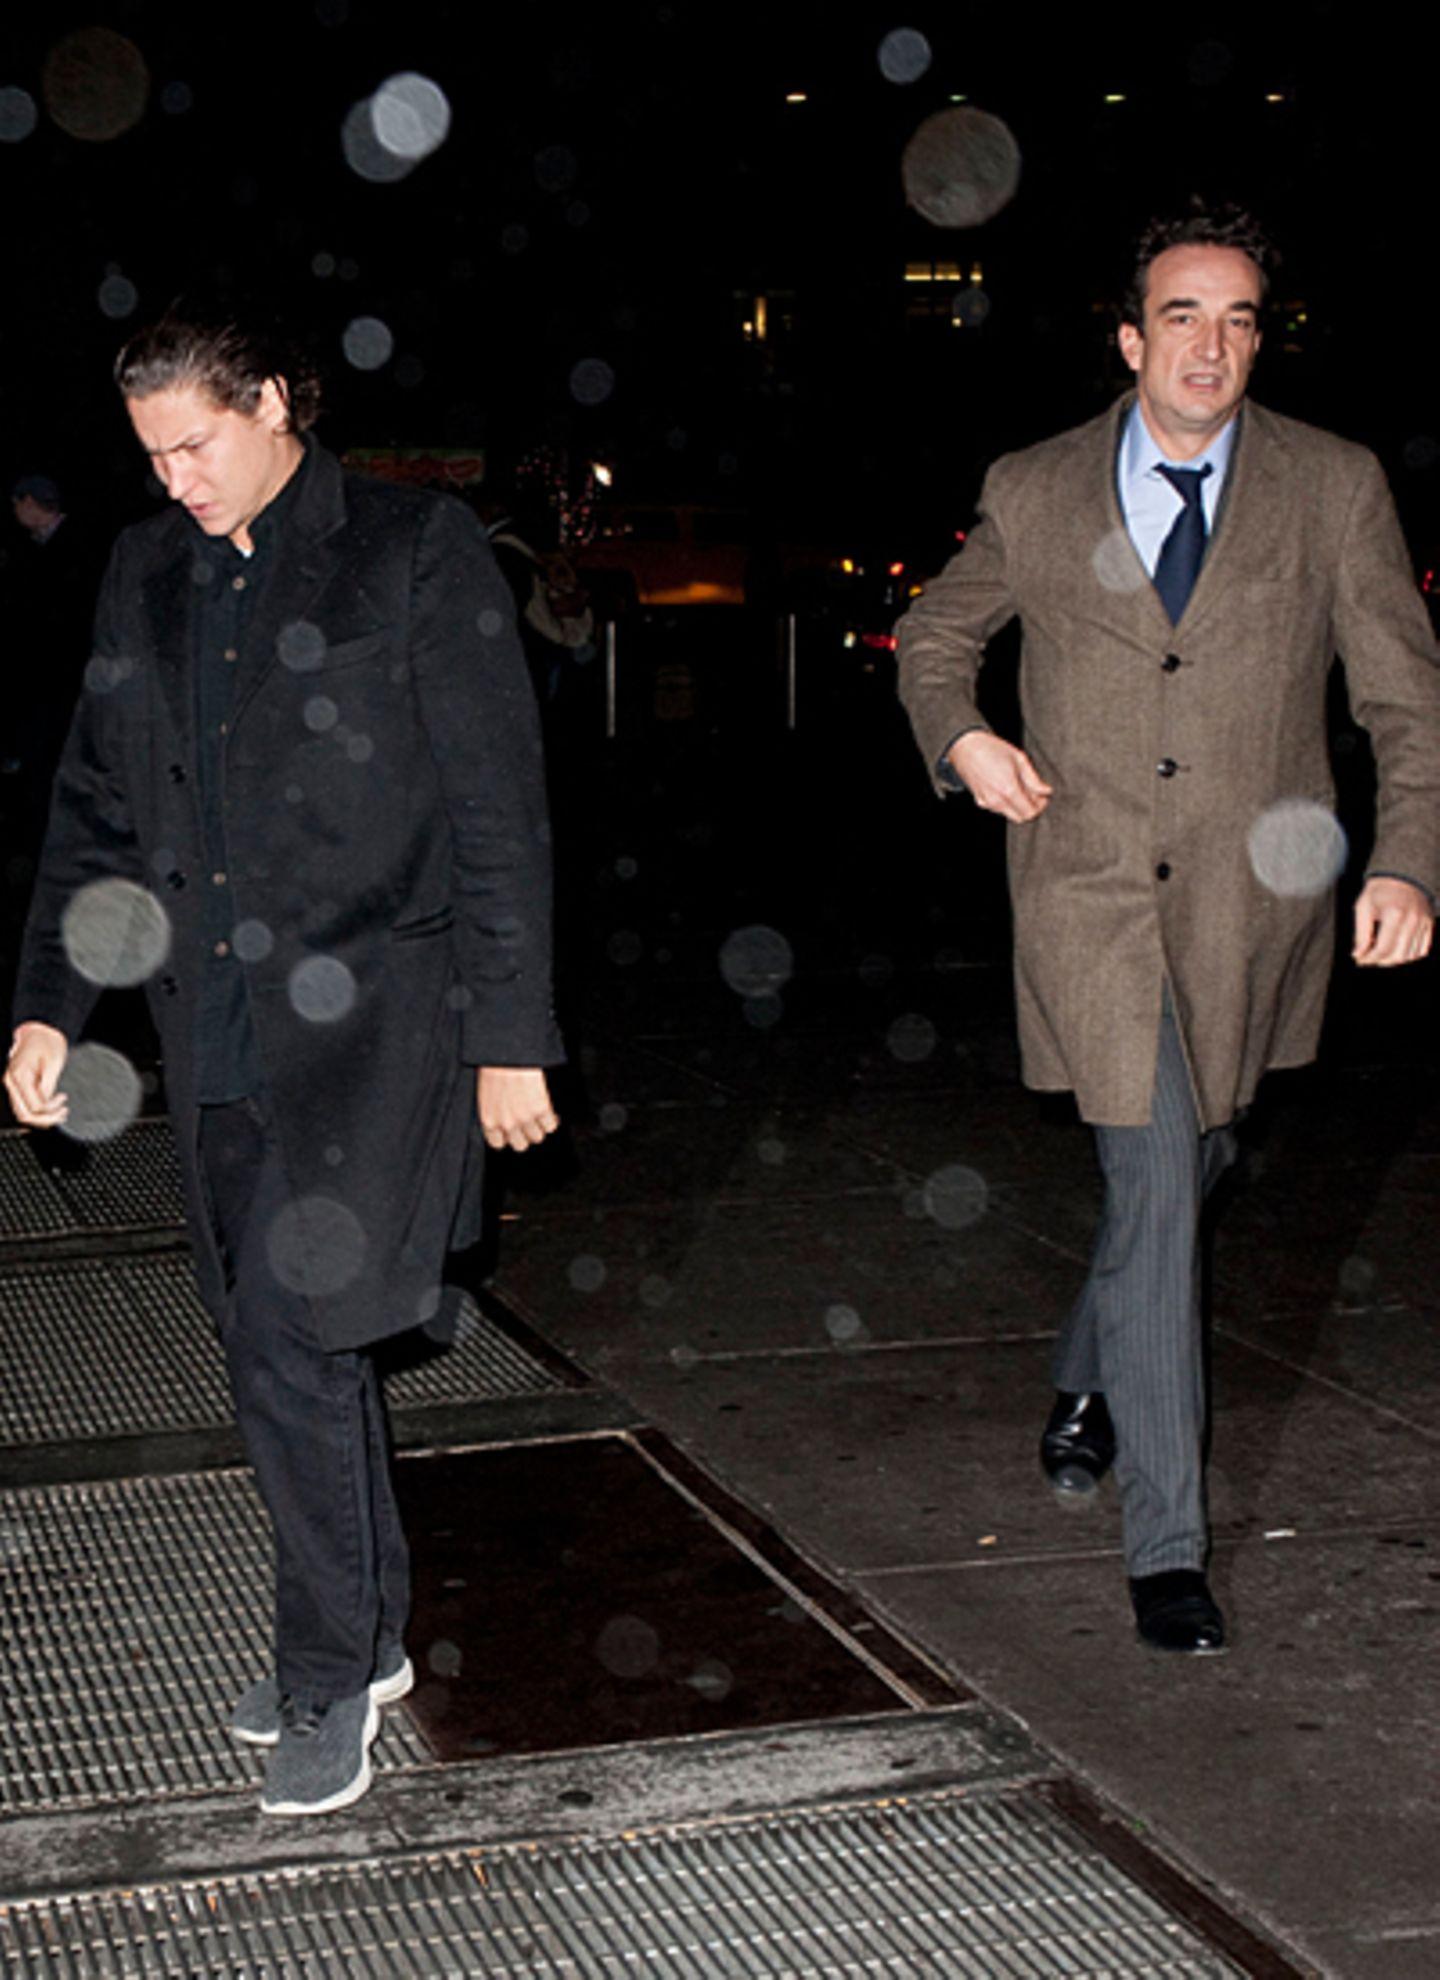 18. Dezember 2012: Vito Schnabel und Olivier Sarkozy gehen zusammen in den Madison Square Garden, um sich ein Basketballspiel de